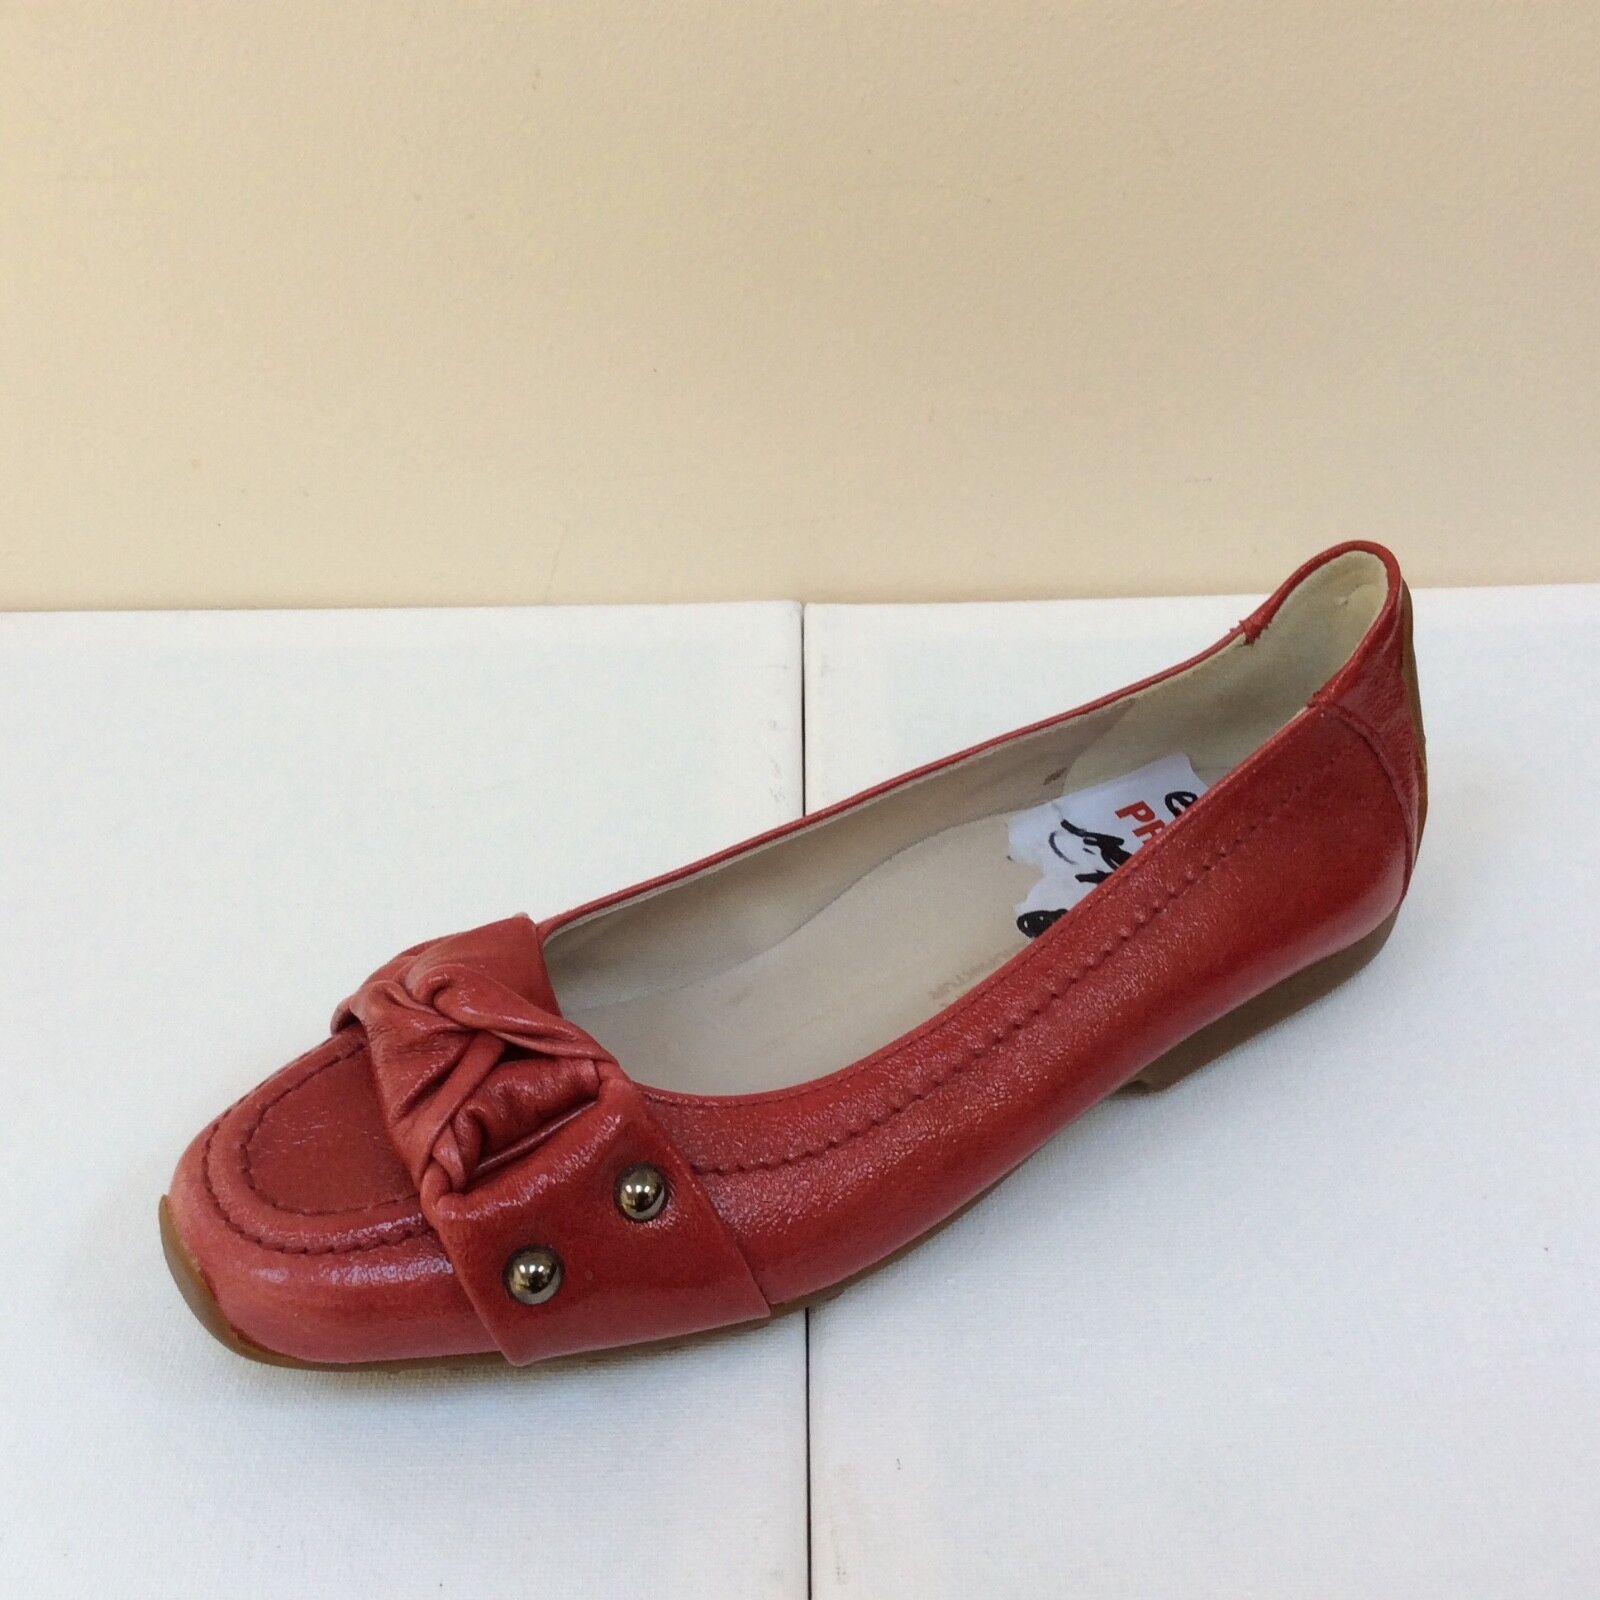 K&S SUSA Rosso Brevetto Scarpe basse con dettaglio nodo di brevetto, /EU 36, prezzo consigliato  BNWB